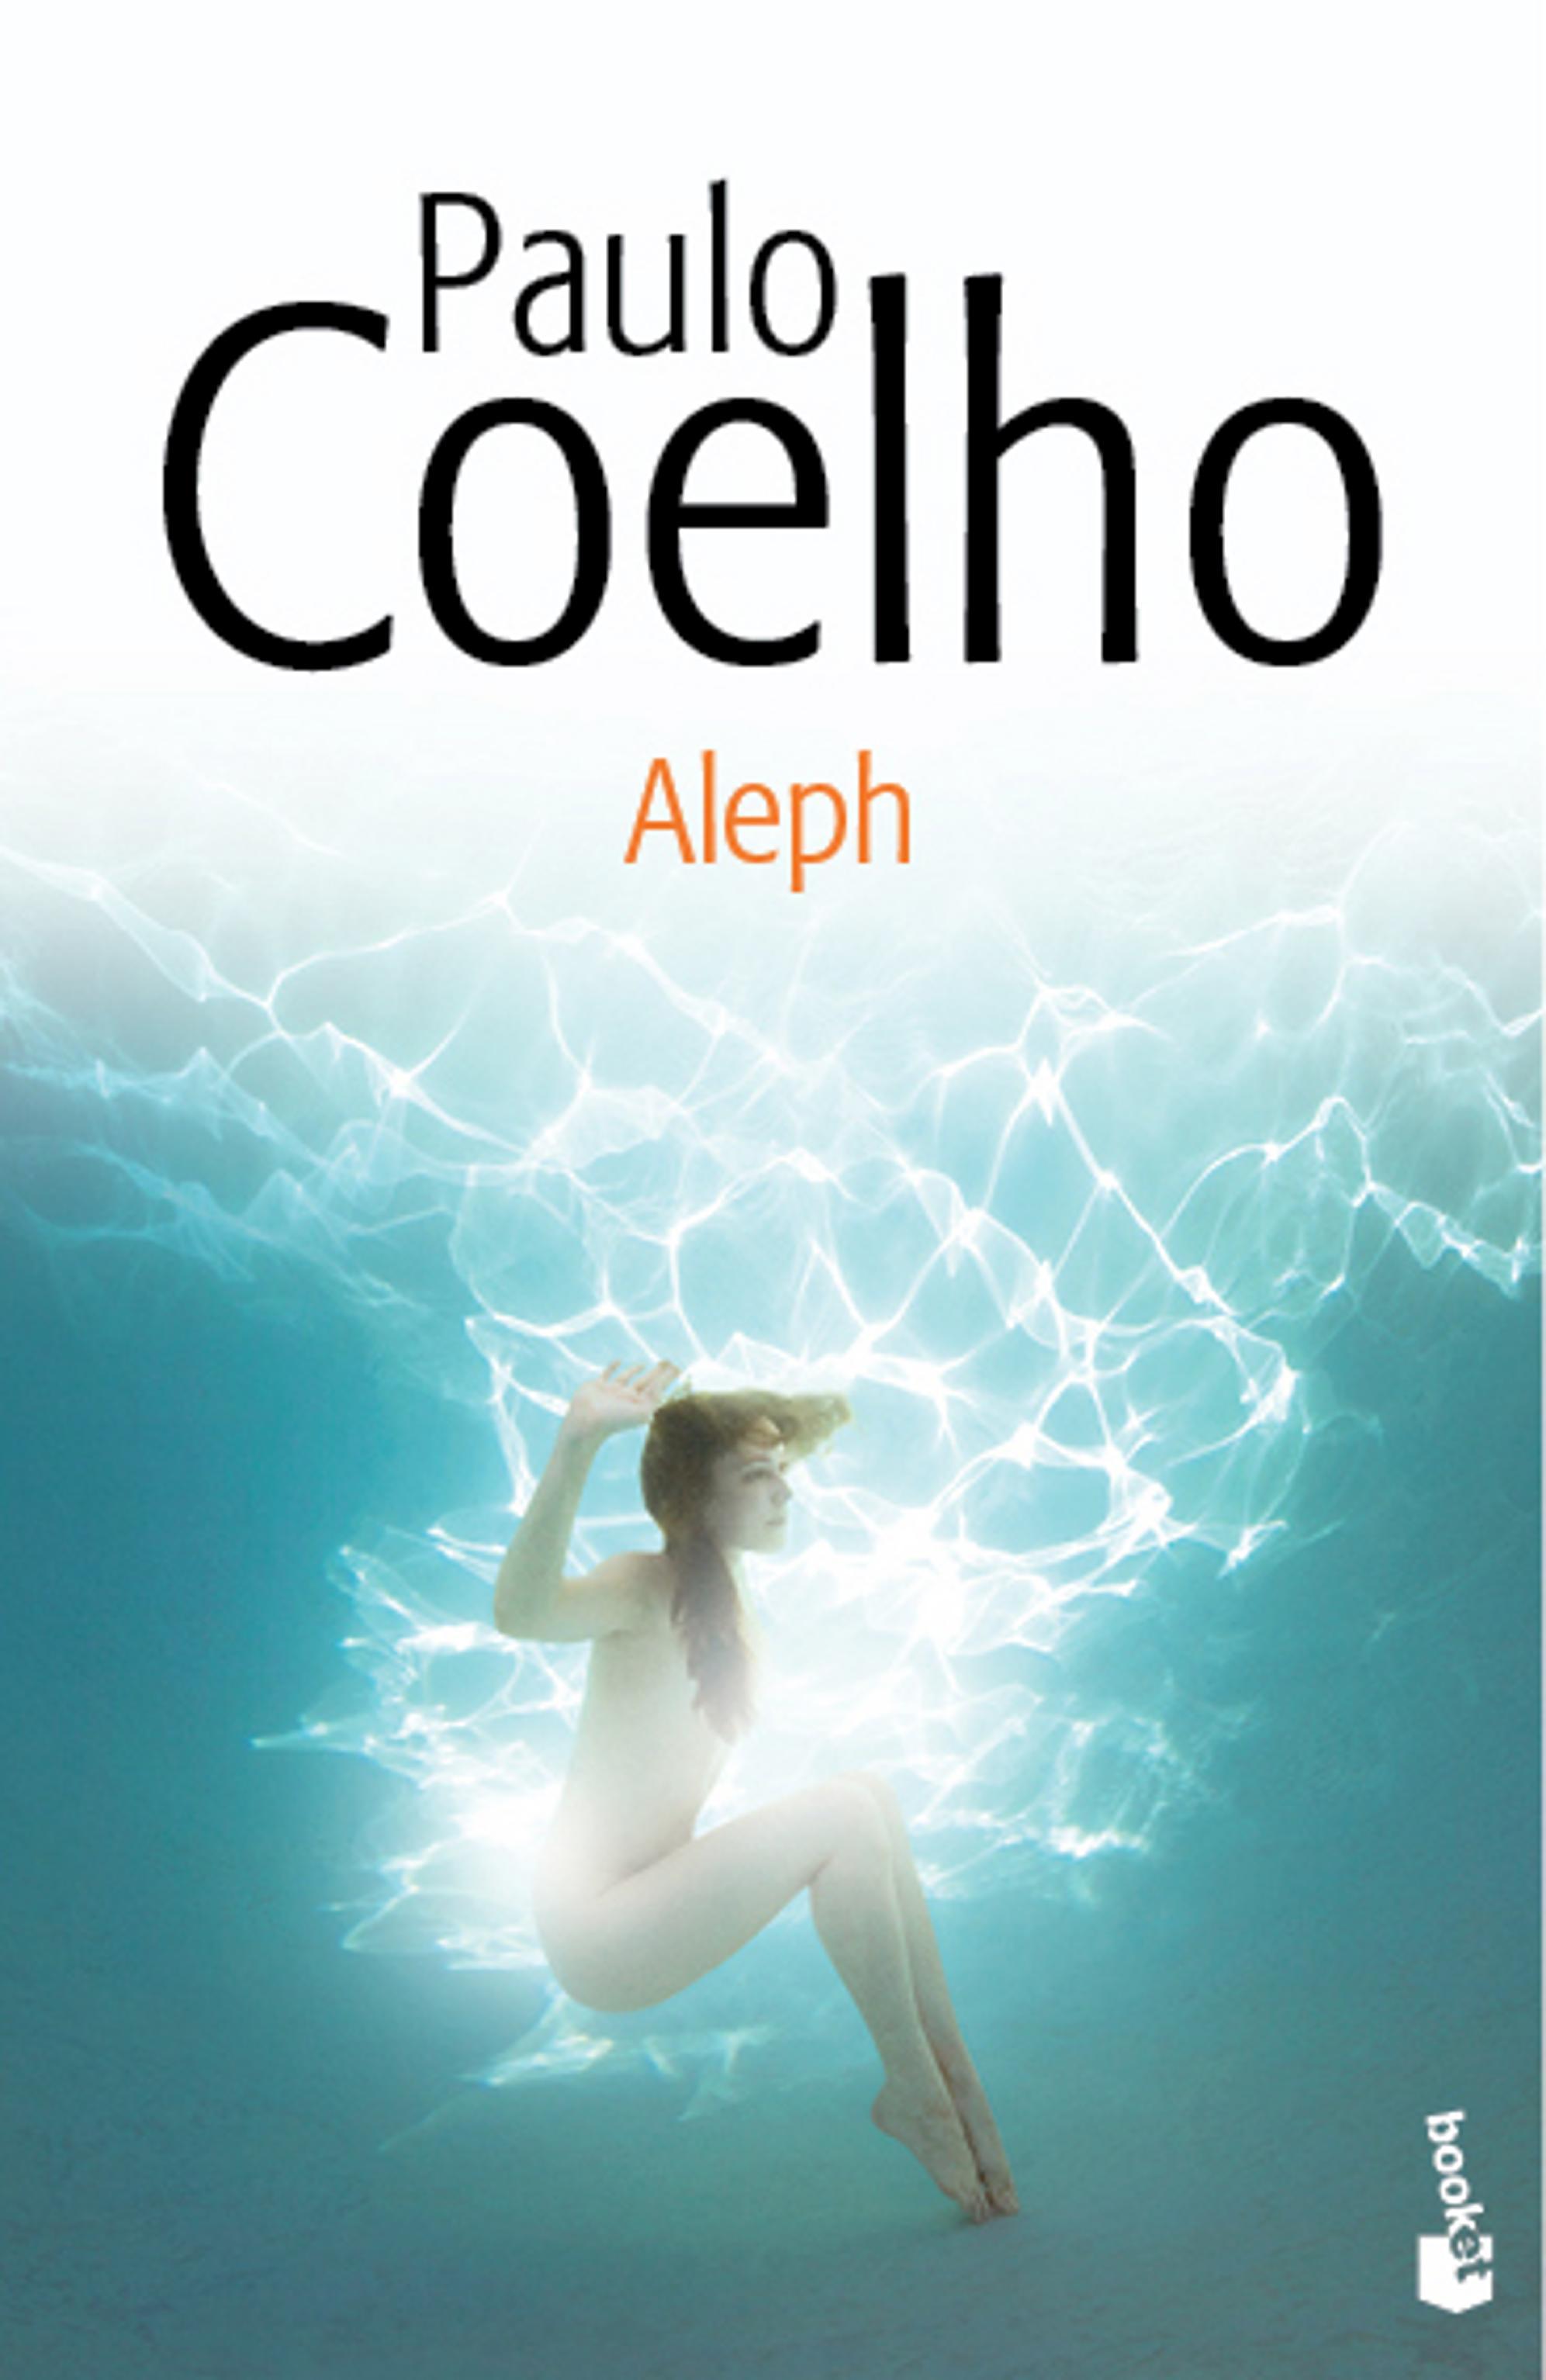 ALEPH 5002/12